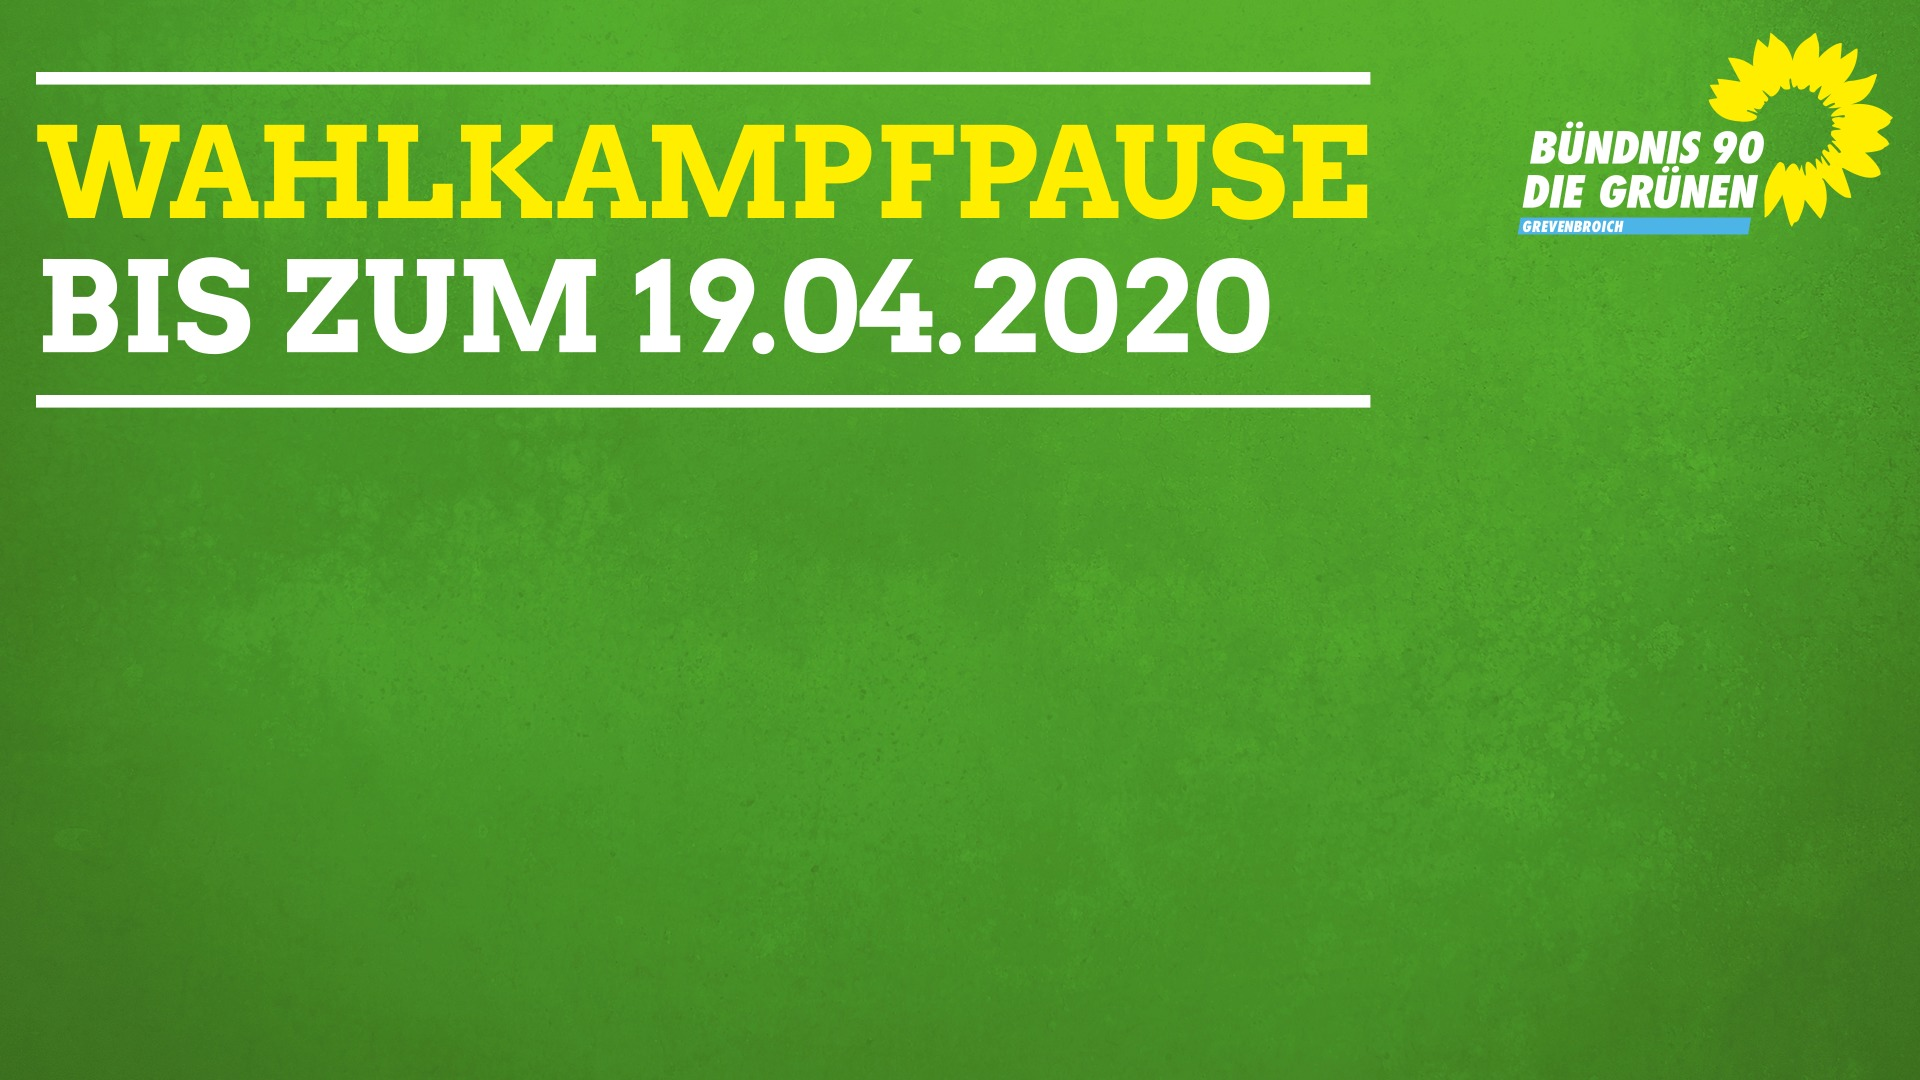 Fraktionen, Parteien und Wählergemeinschaften der Stadt Grevenbroich vereinbaren Wahlkampfpause bis zum 19.04.2020 (Ende der Osterferien)